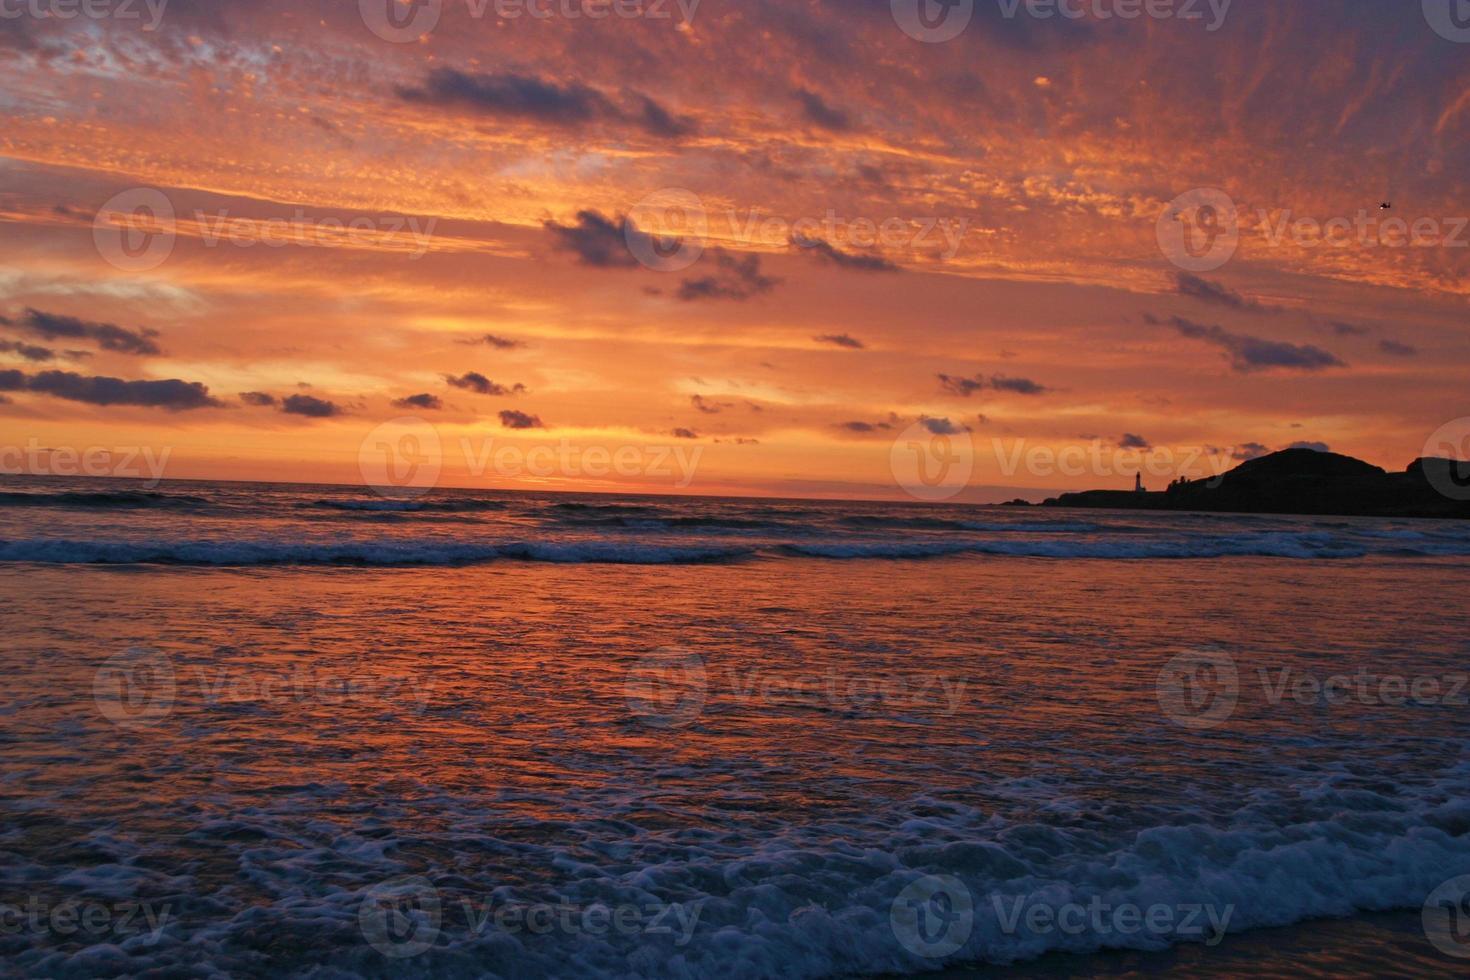 glorioso tramonto sul faro e sul mare foto